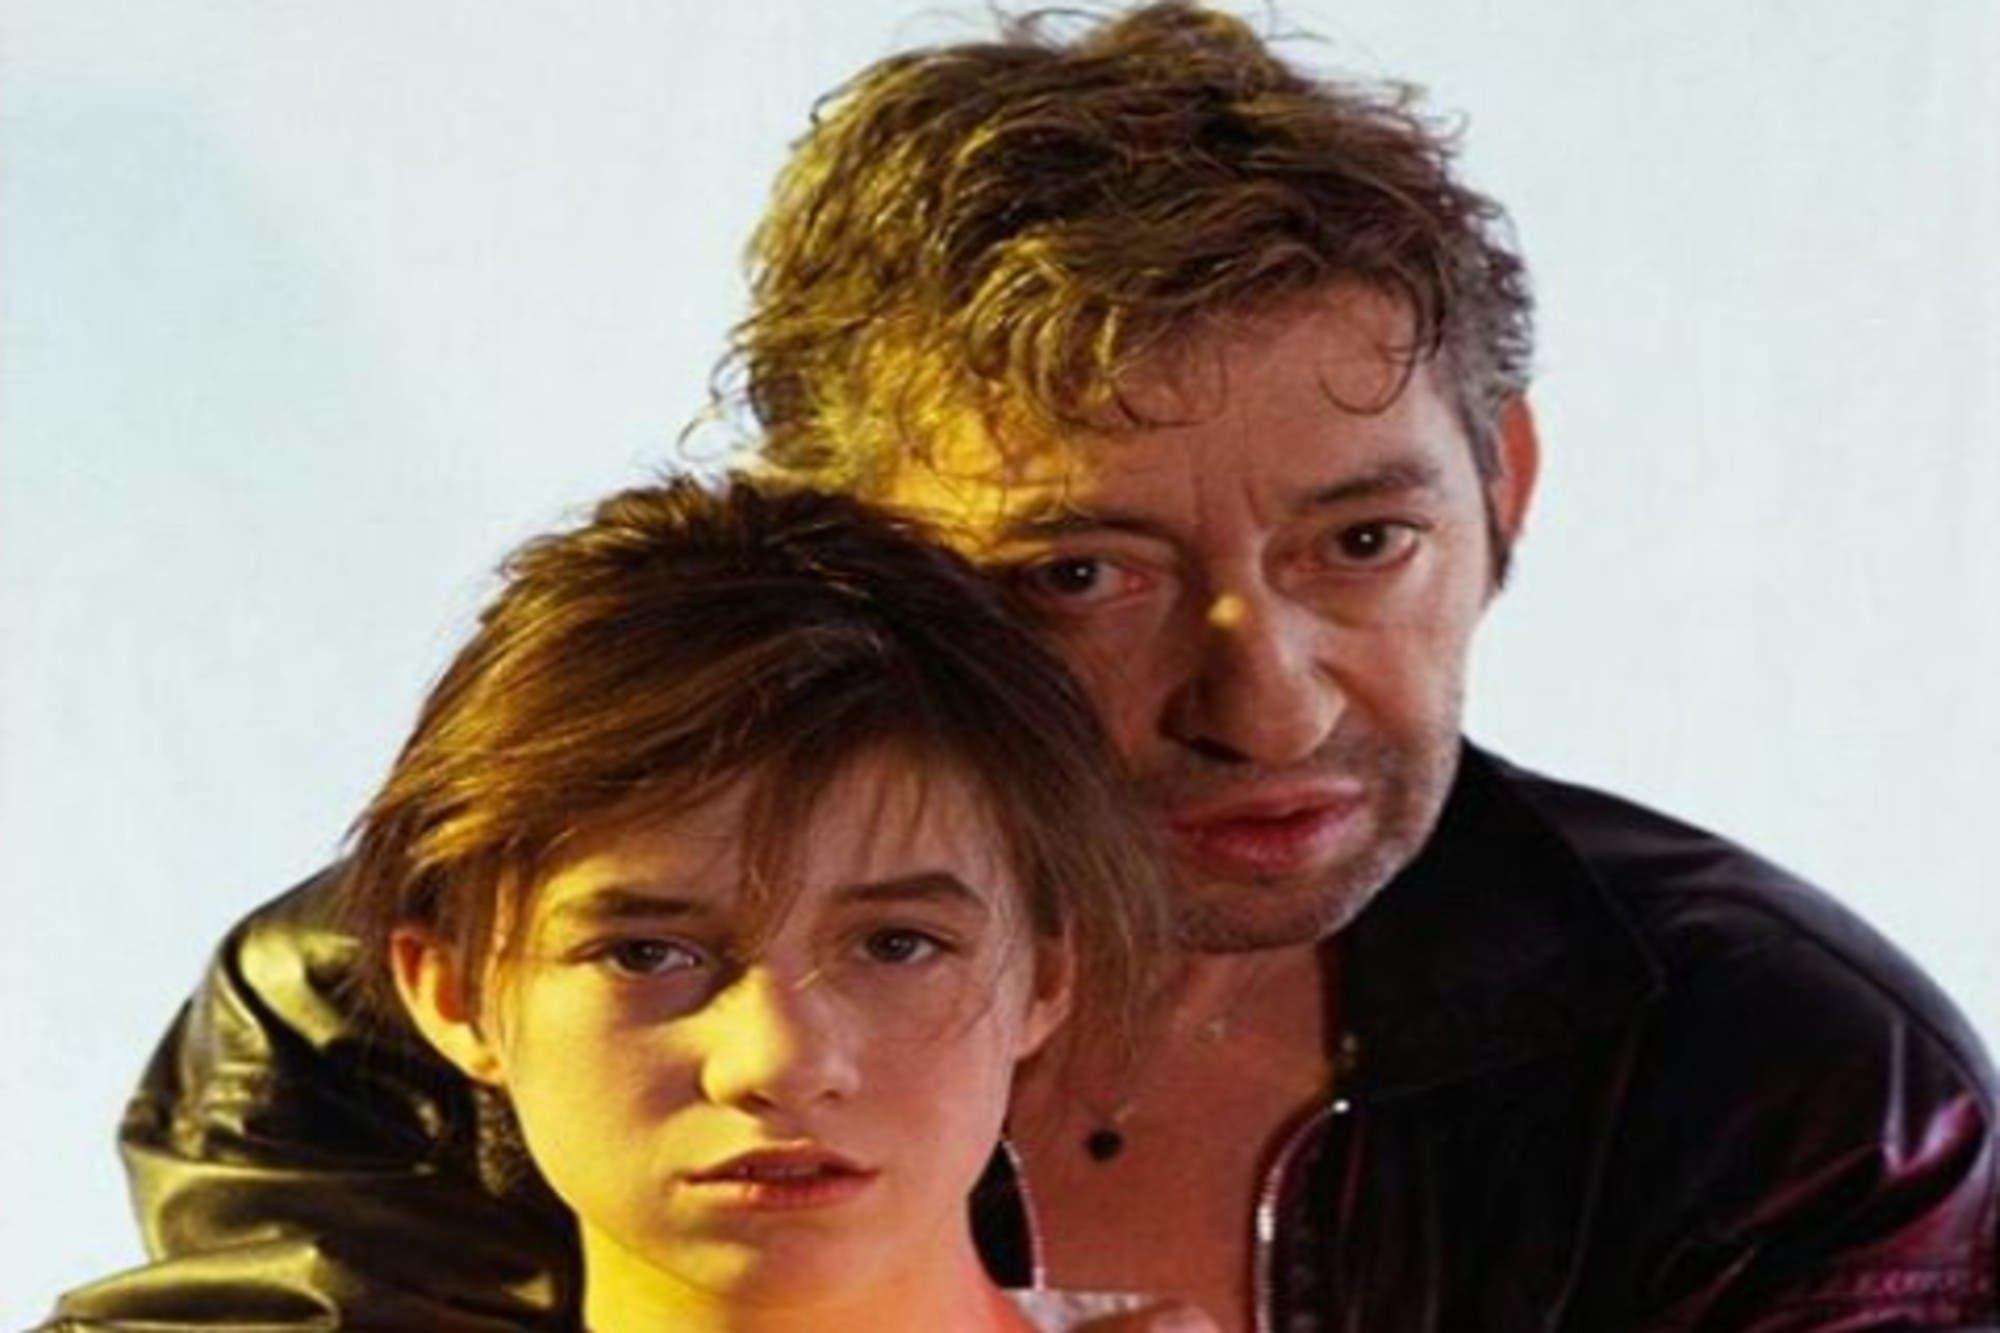 Escándalo: el controversial dueto de Serge Gainsbourg que hoy sería imposible grabar